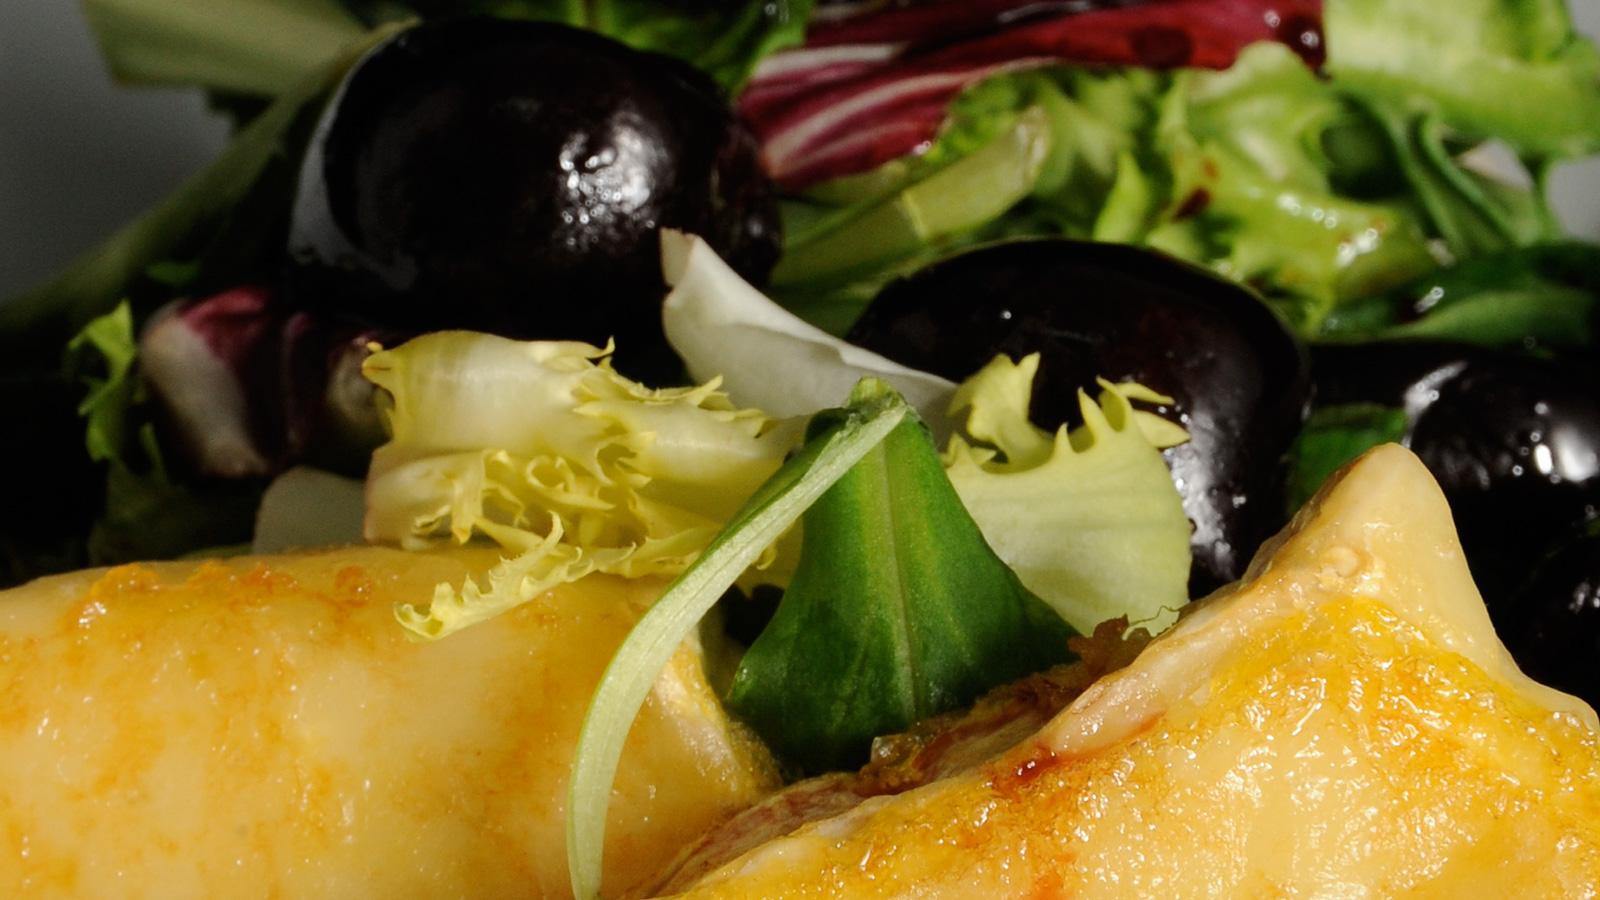 Ensalada de queso con vinagreta de cerezas diana cabrera for Diana cabrera canal cocina